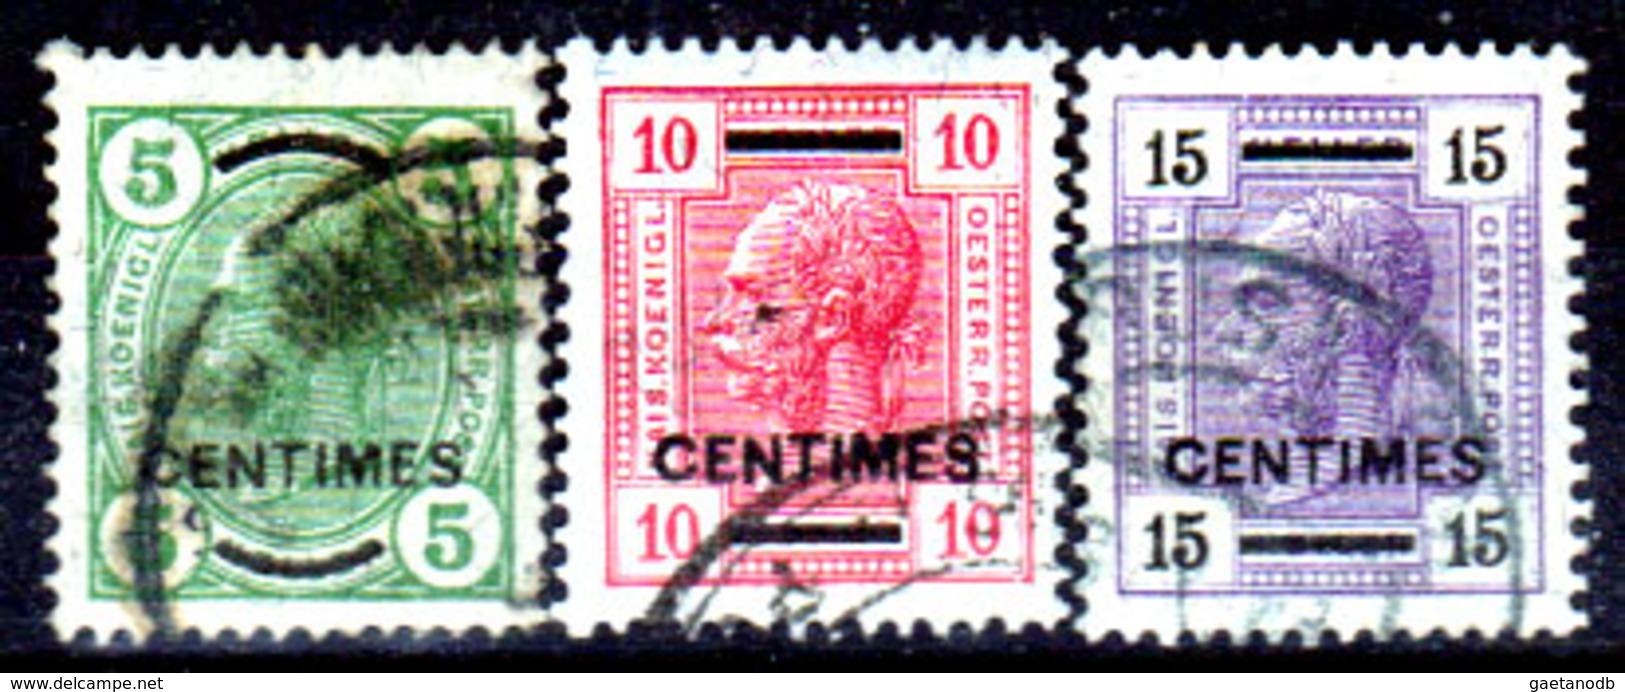 Creta-054 - Emissione 1906 (o) Used - Senza Difetti Occulti. - Creta